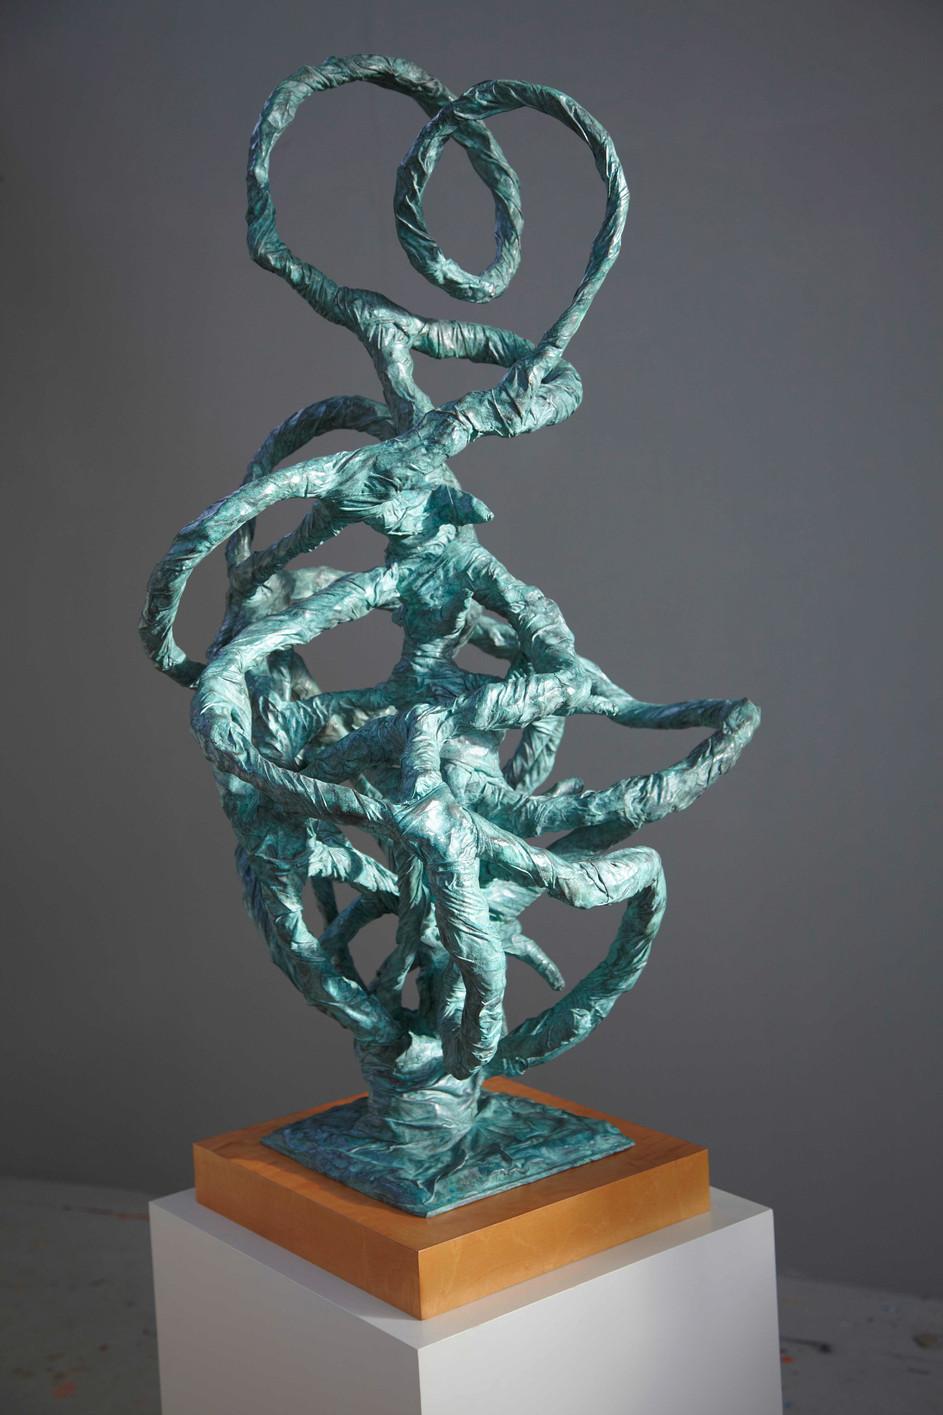 ANTON HENNING Blumenstilleben No. 396, 2008 patinated bronze 256 x 74 x 85 cm